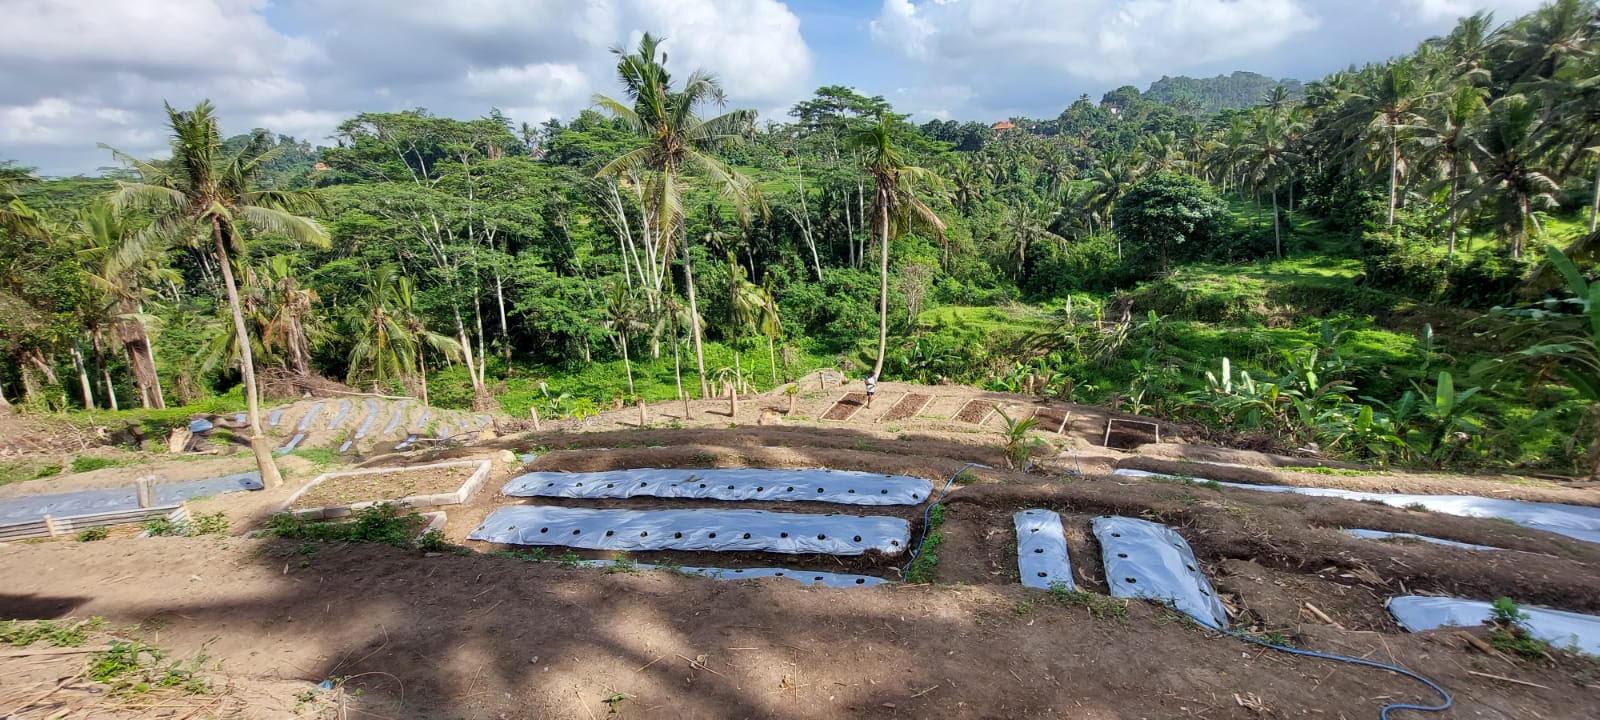 LAHAN untuk pertanian hortikultura di Desa Sidan, Gianyar. Foto: adi